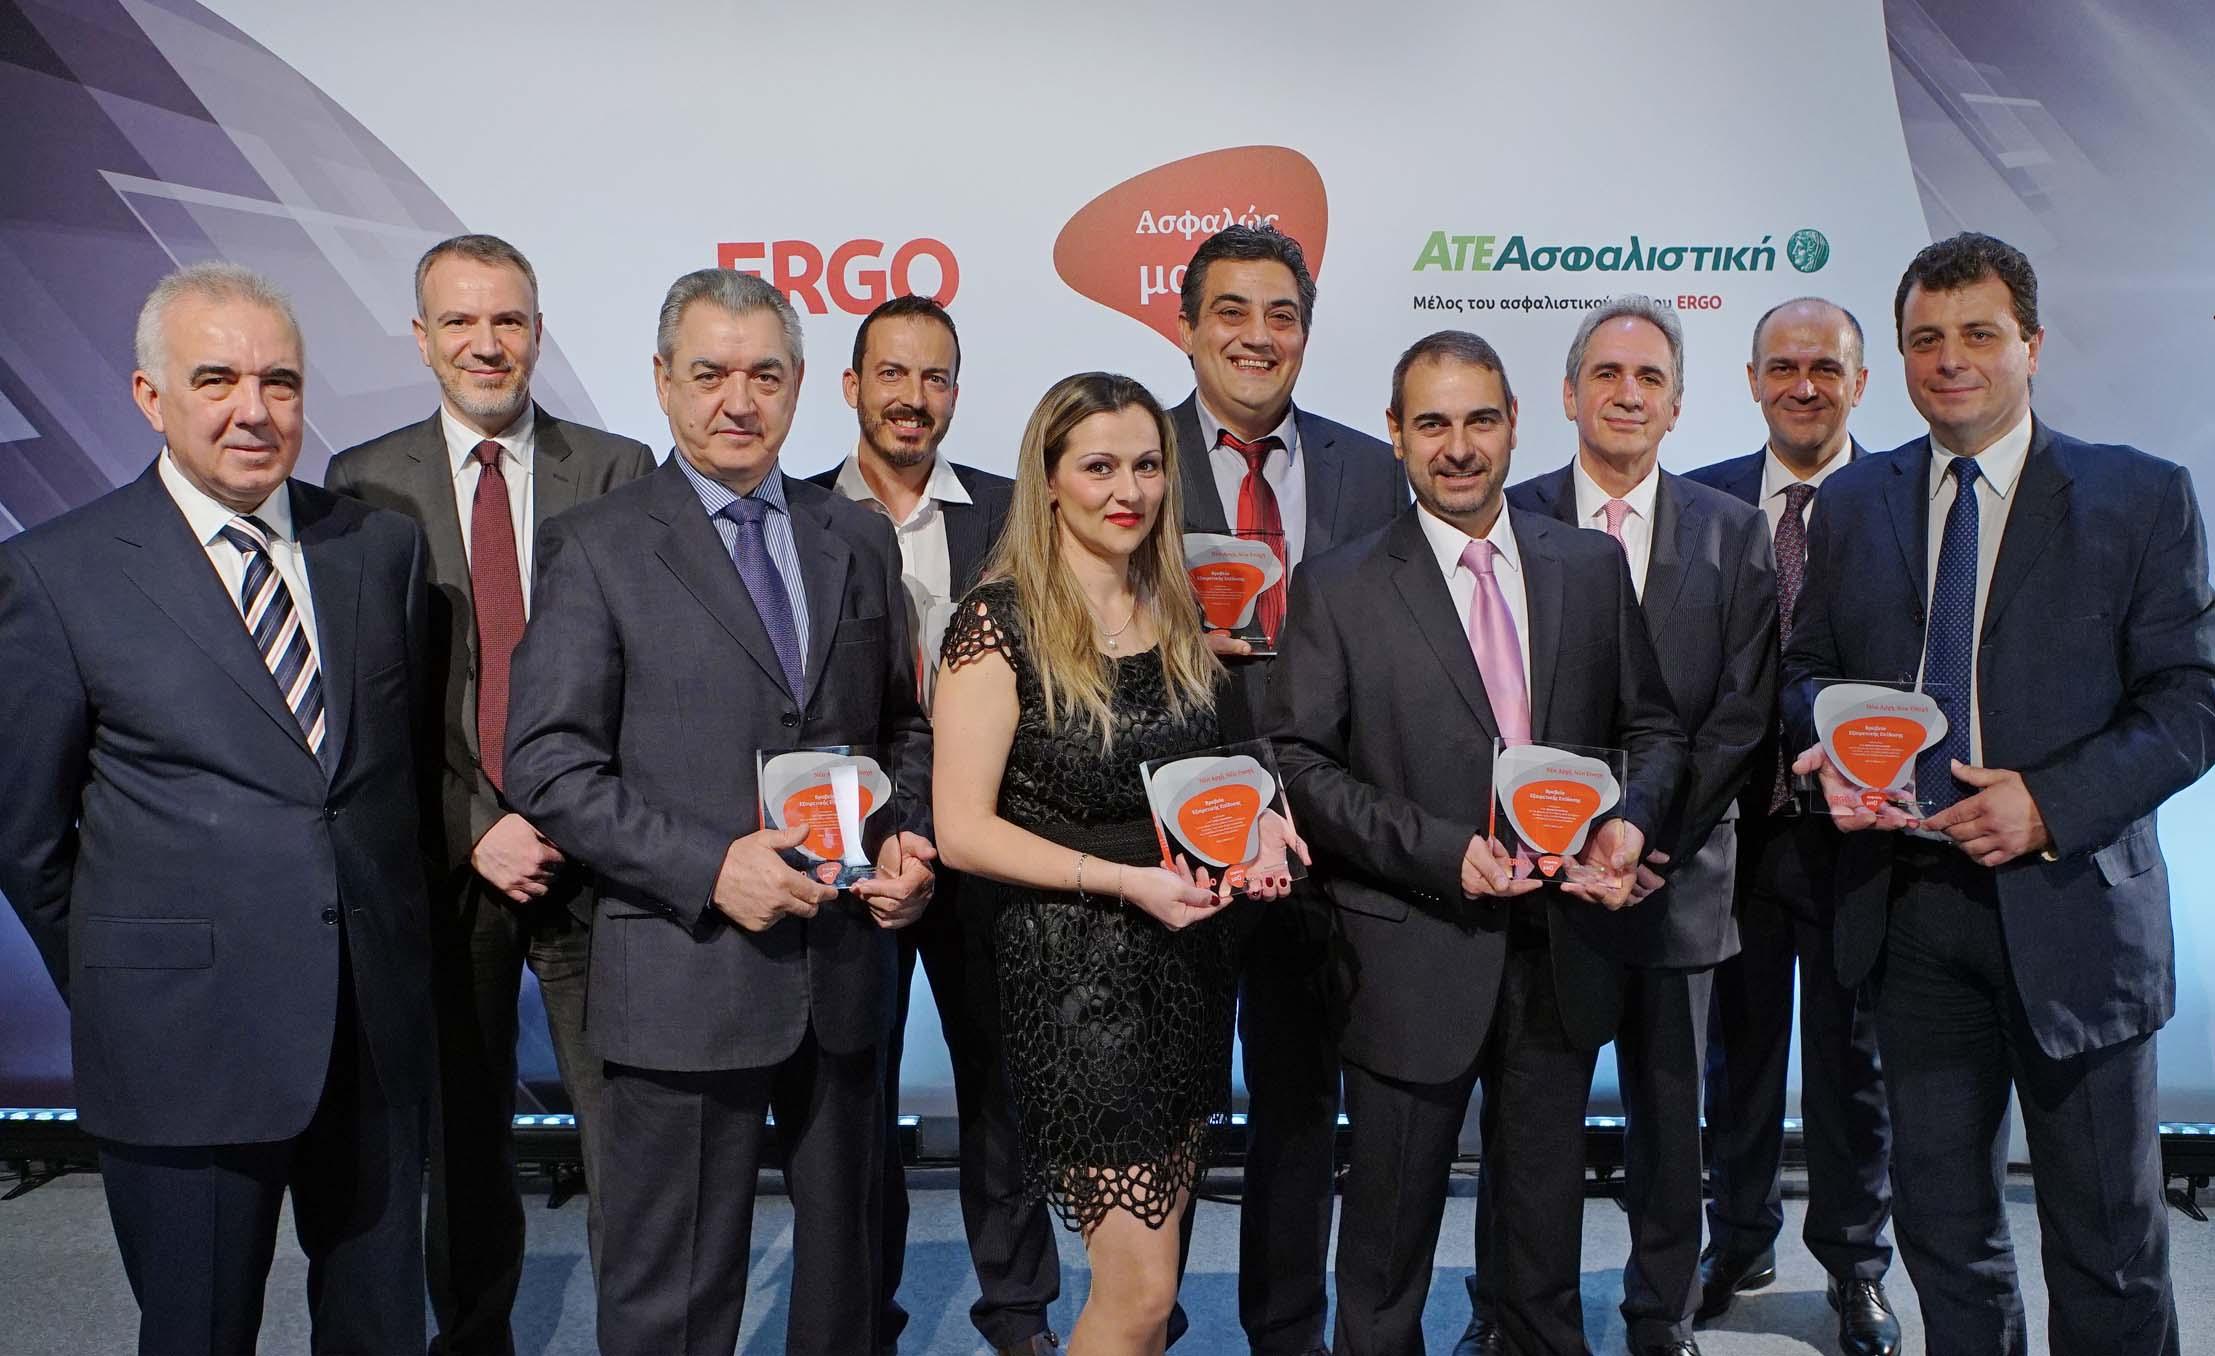 Ομαδική φωτογραφία Βραβείου Εξαιρετικής Επίδοσης Εταιρικού Δικτύου Πωλήσεων ERGO